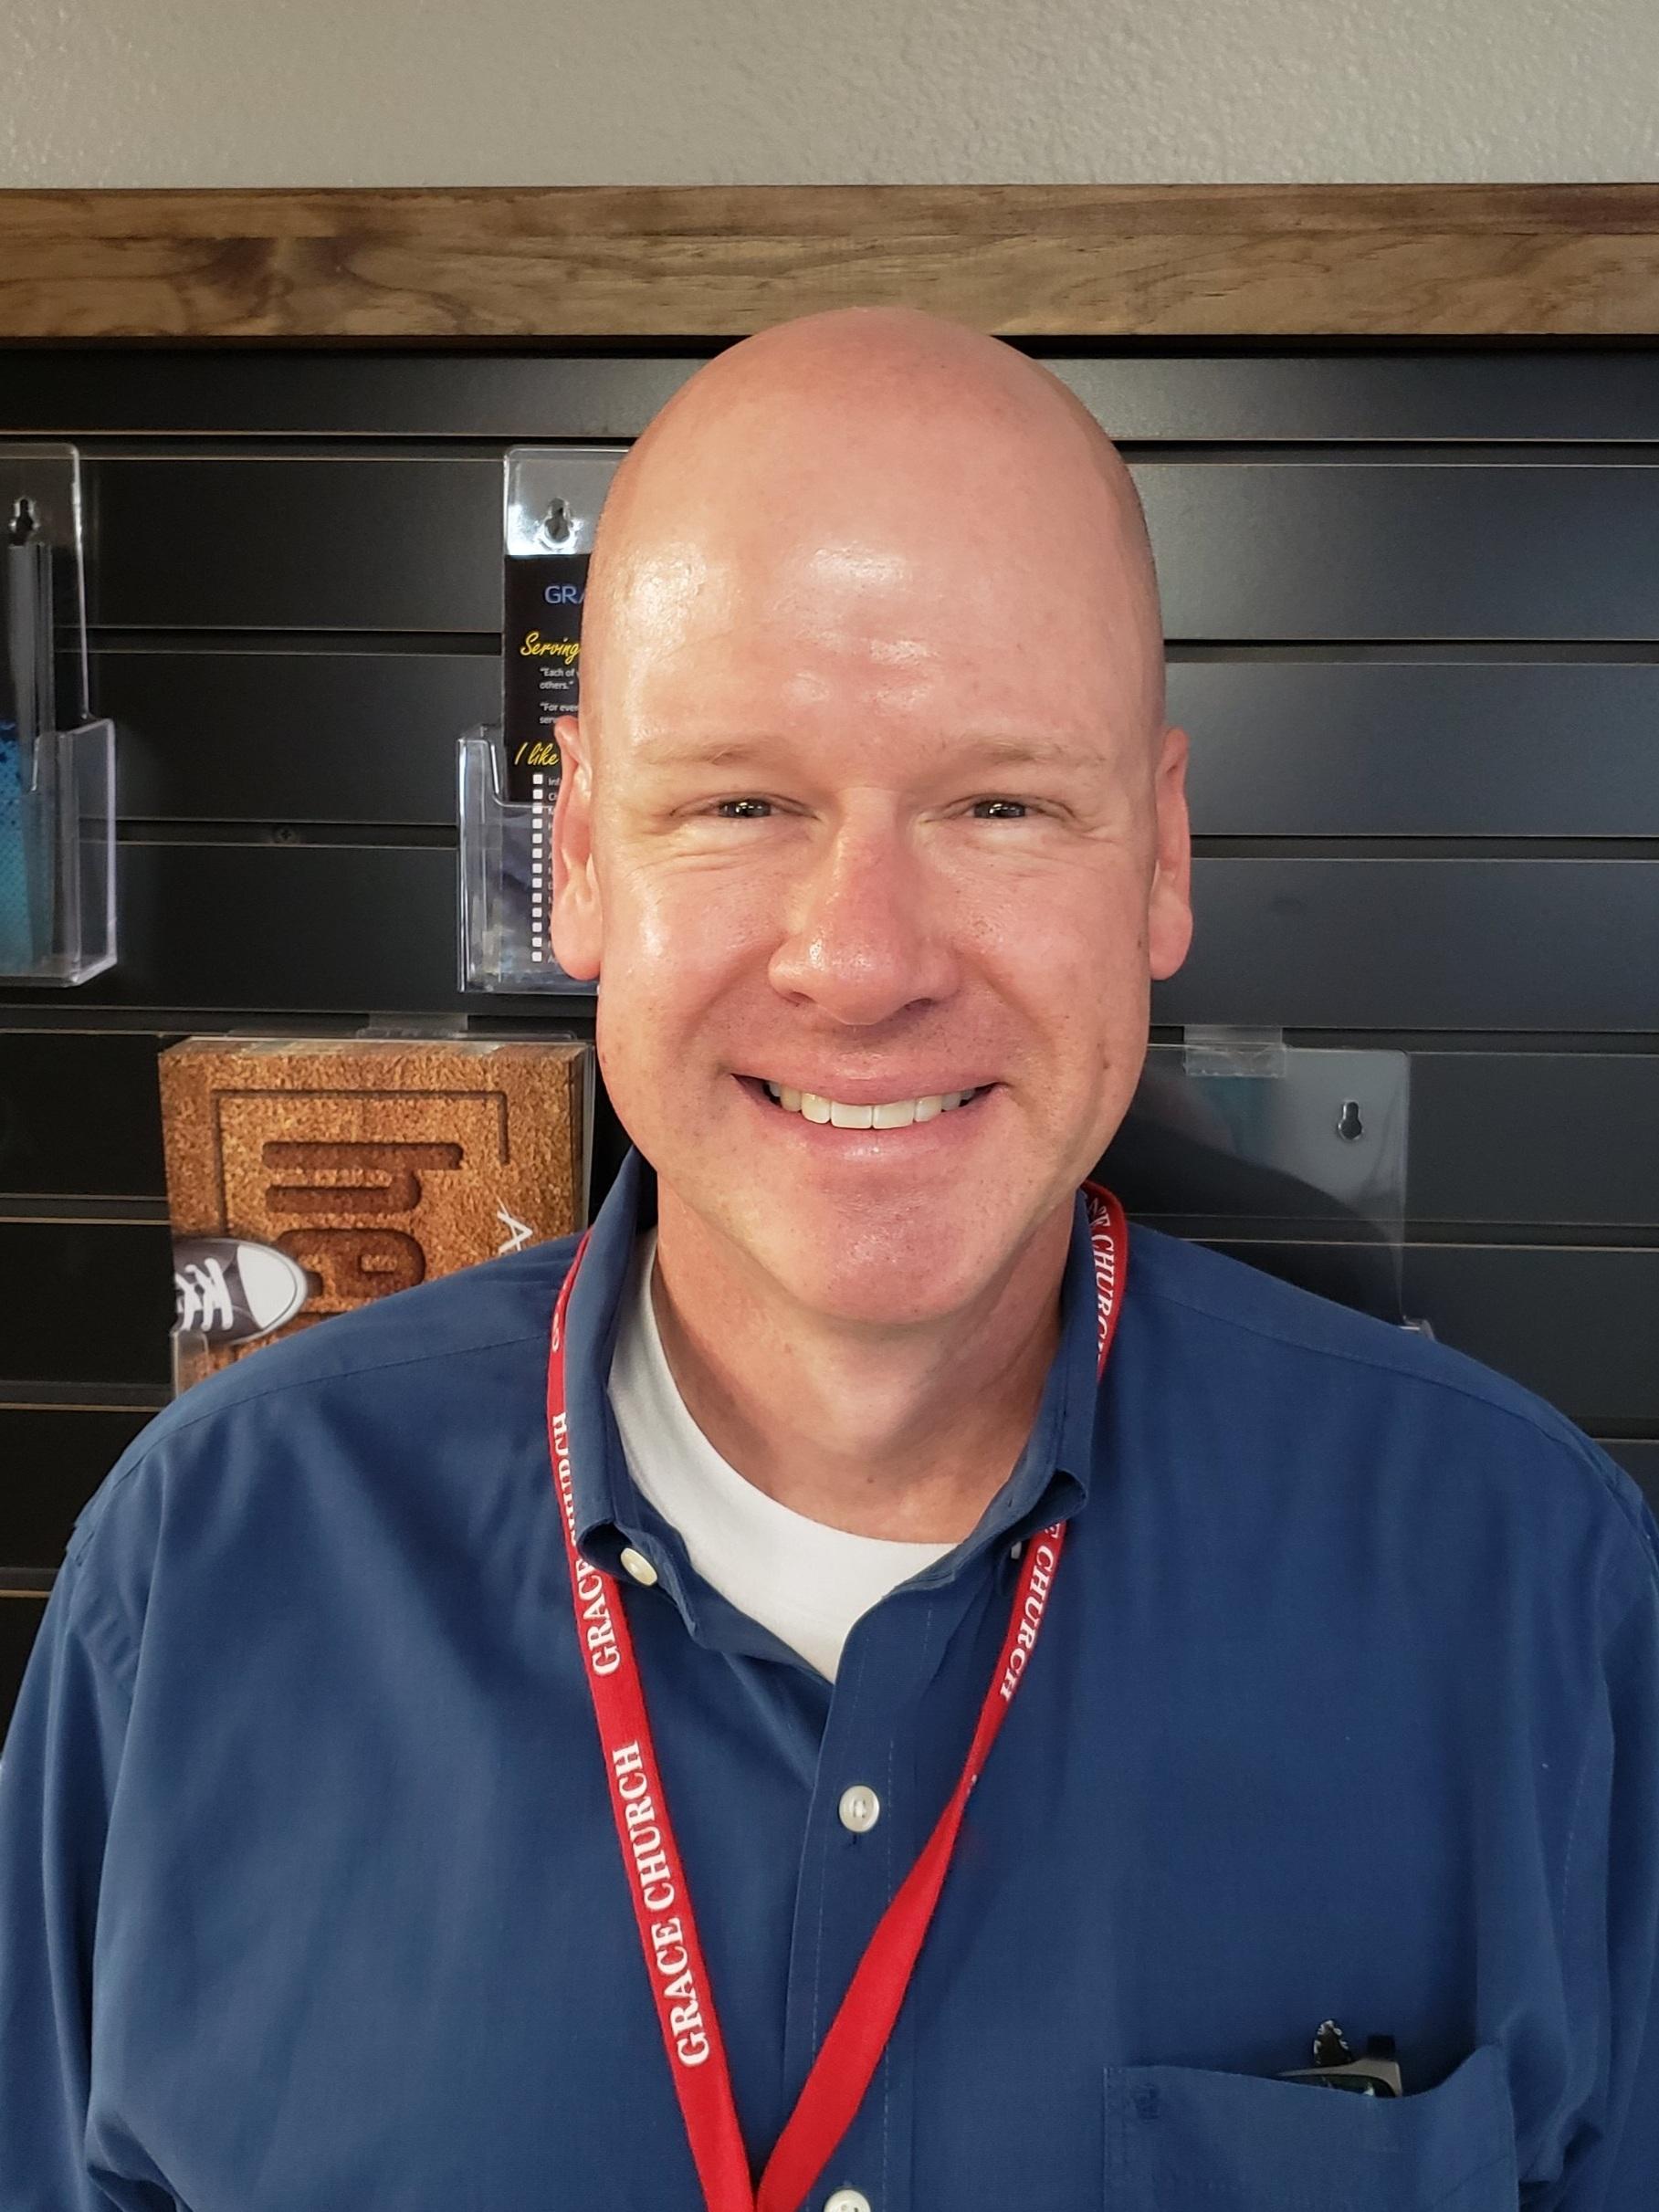 Steve Wittenmyer